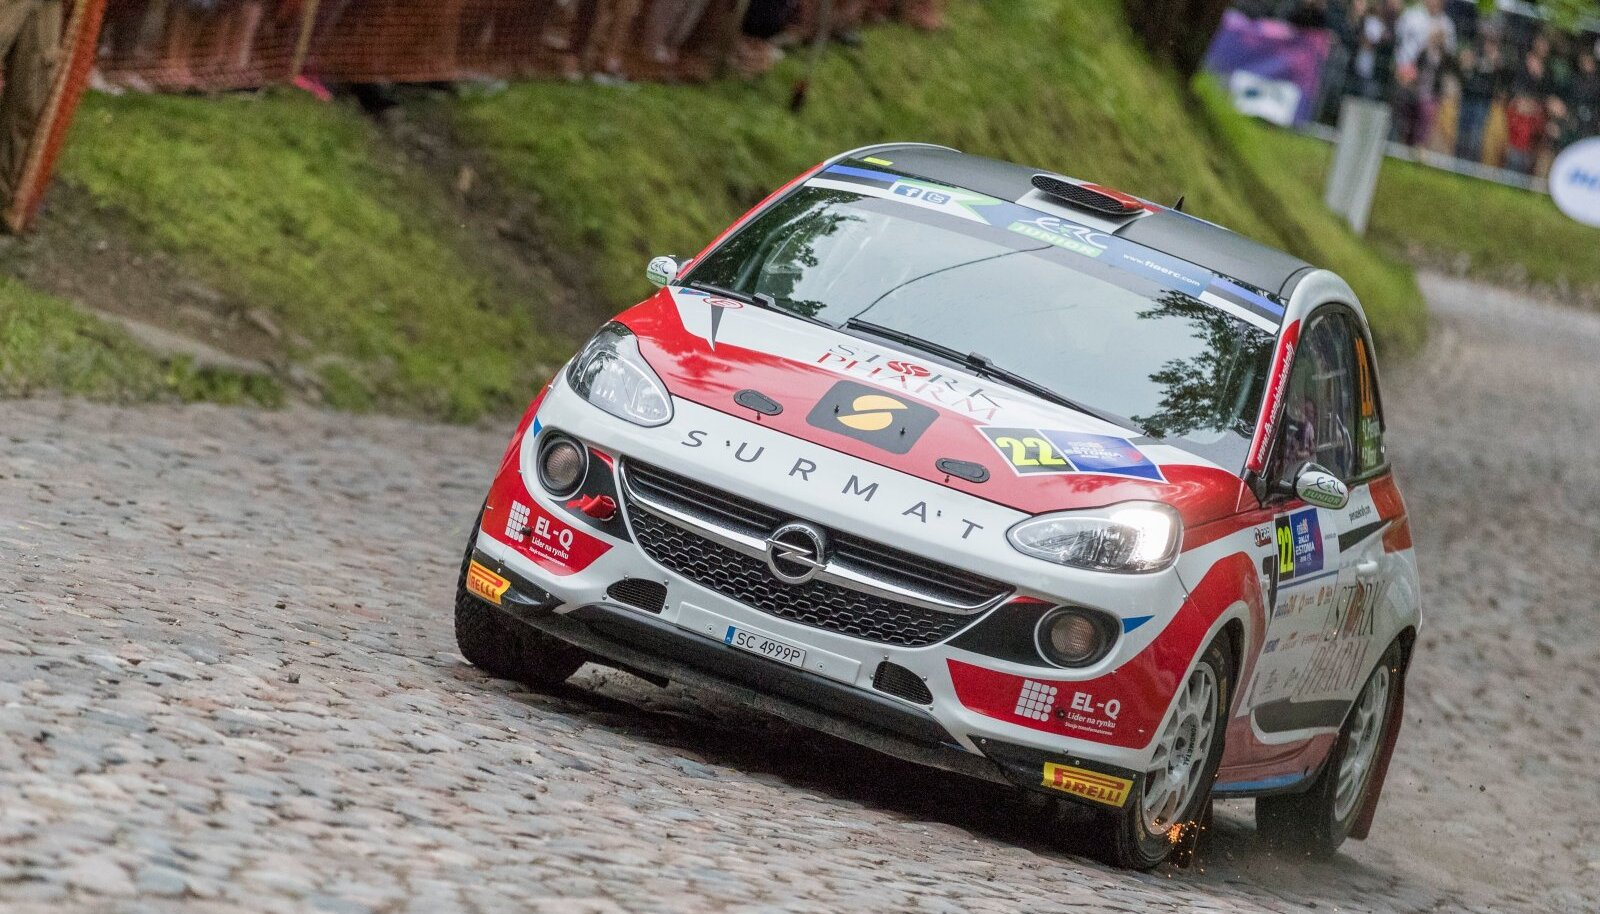 Auto24 Rally Estonia võitis mullu siin juunioride klassis parima koha saanud lätlane Ralfs Sirmacis (Škoda Fabia R5) poolaka Kajetan Kajetanowiczi (Ford Fiesta R5) ja Rainer Ausi (Mitsubishi Lancer EVO 9) ees.